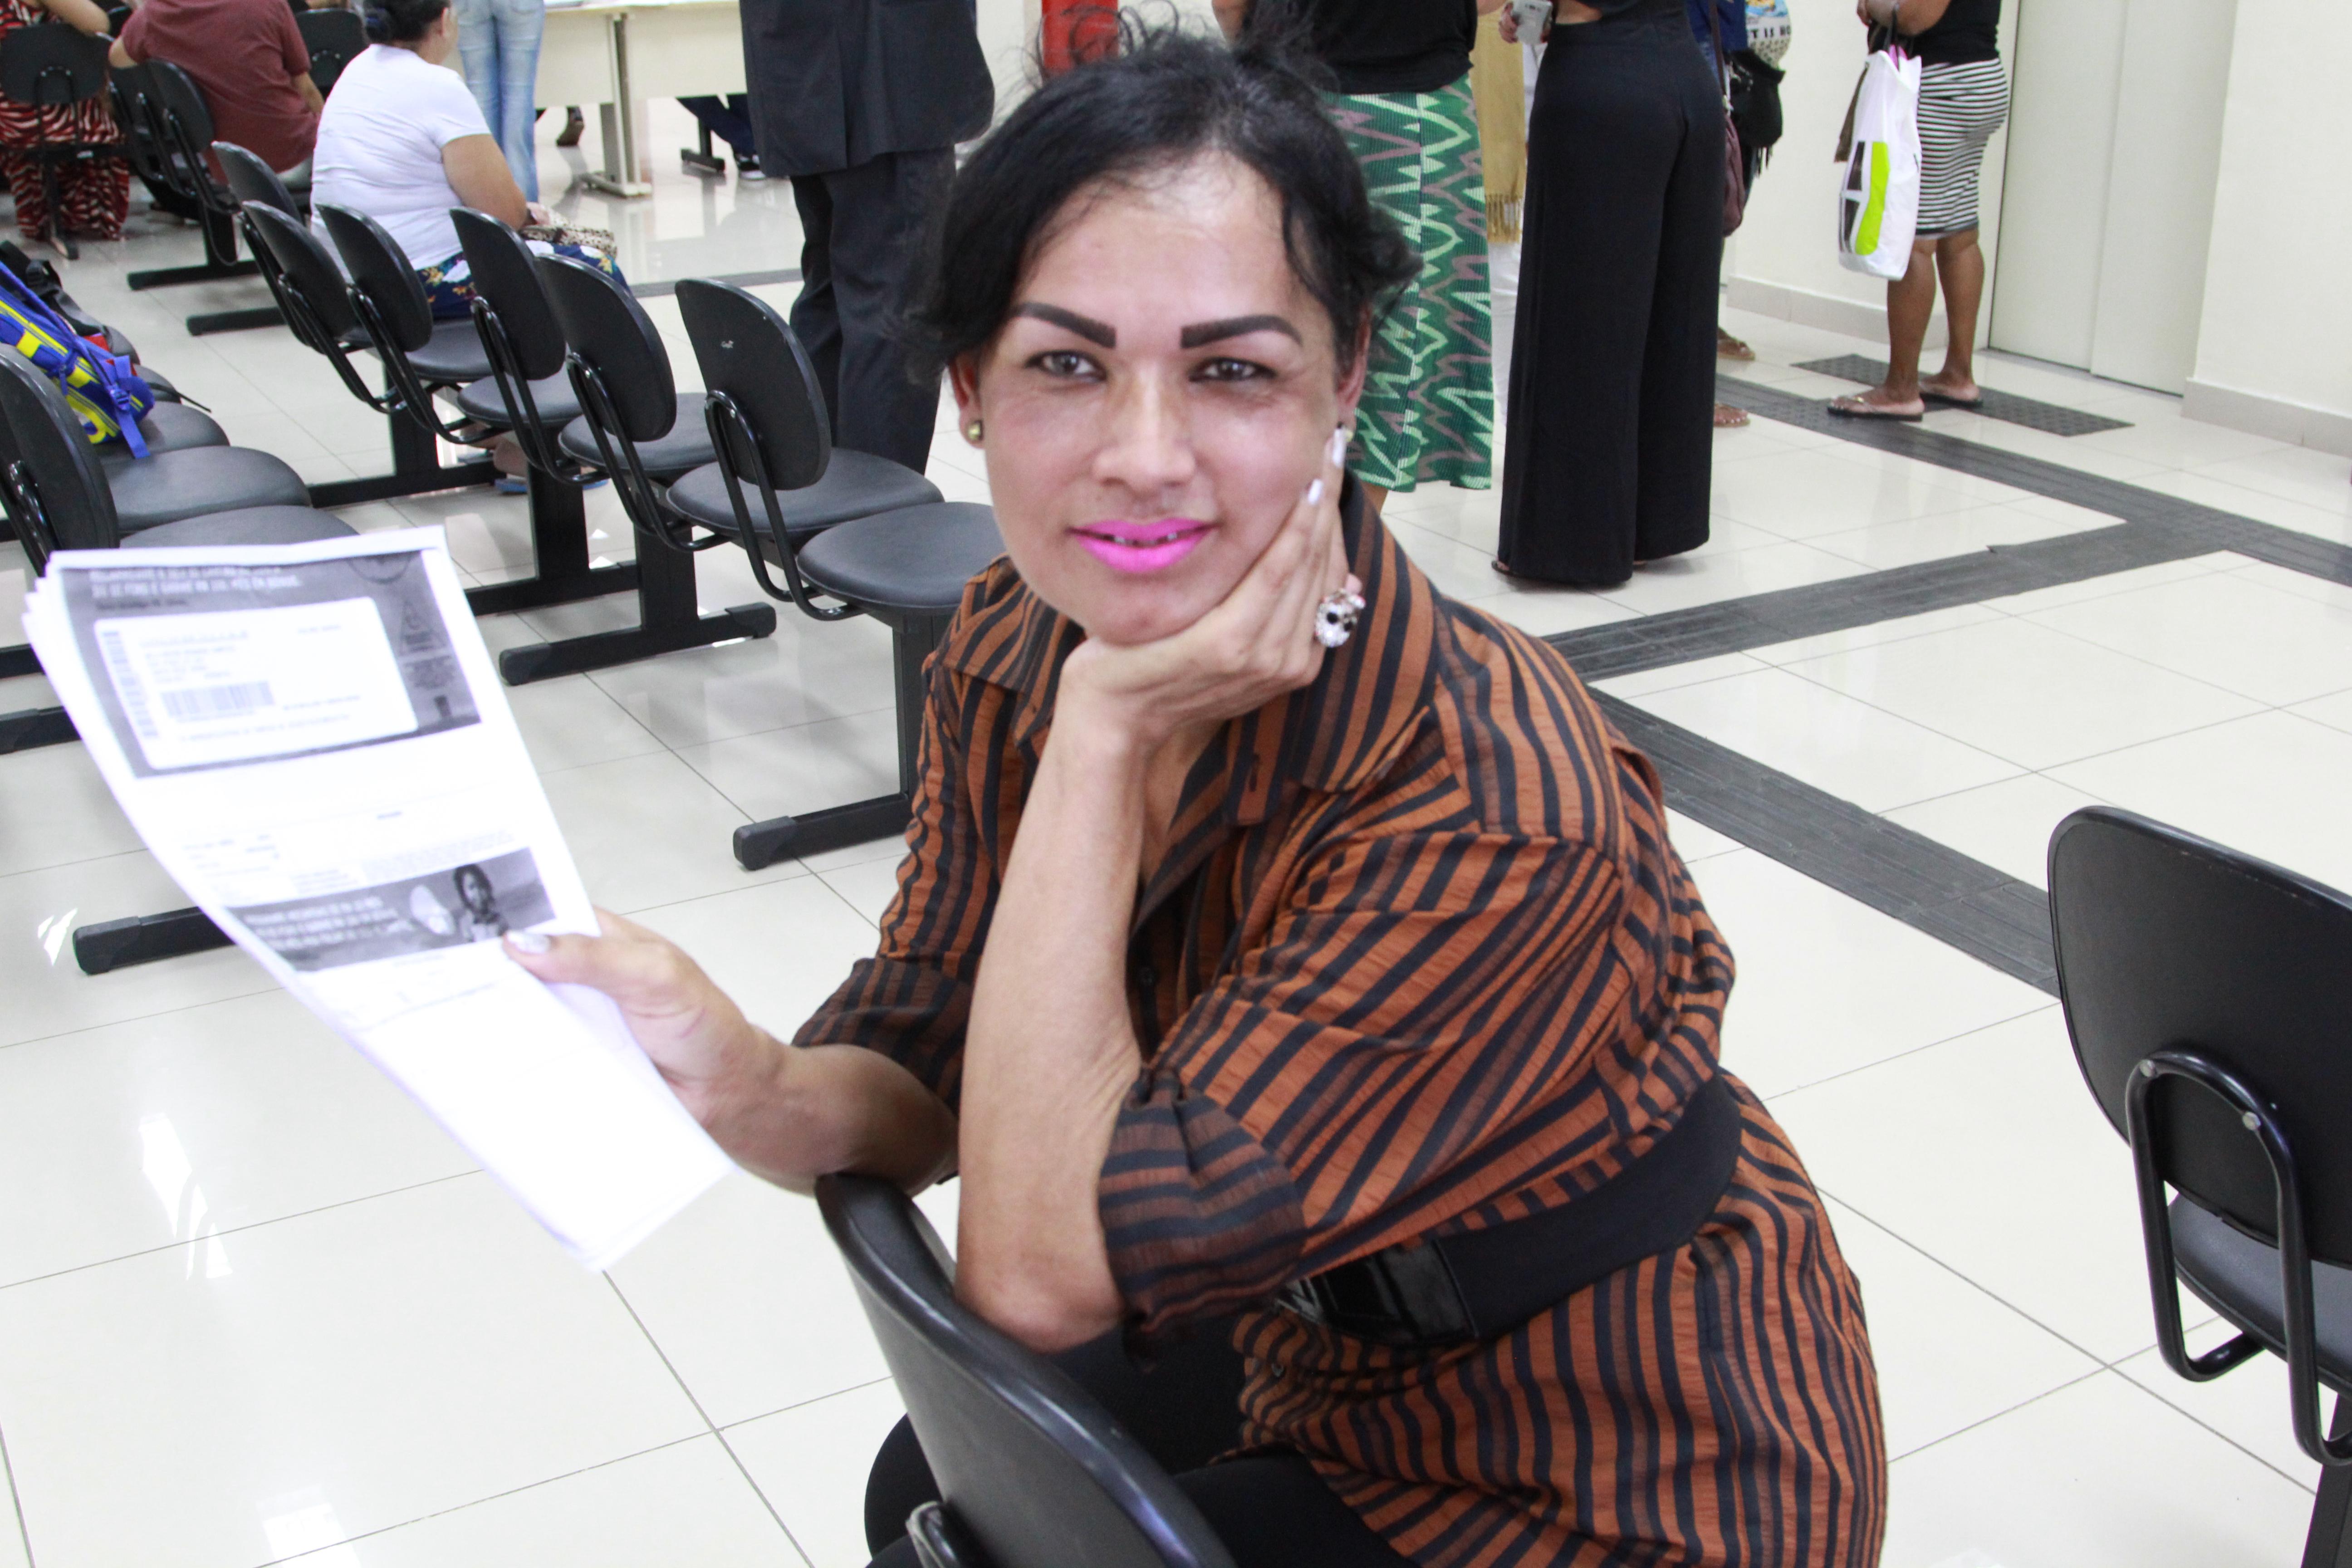 Mara levou seus documentos para dar entrada no ofício de gratuidade